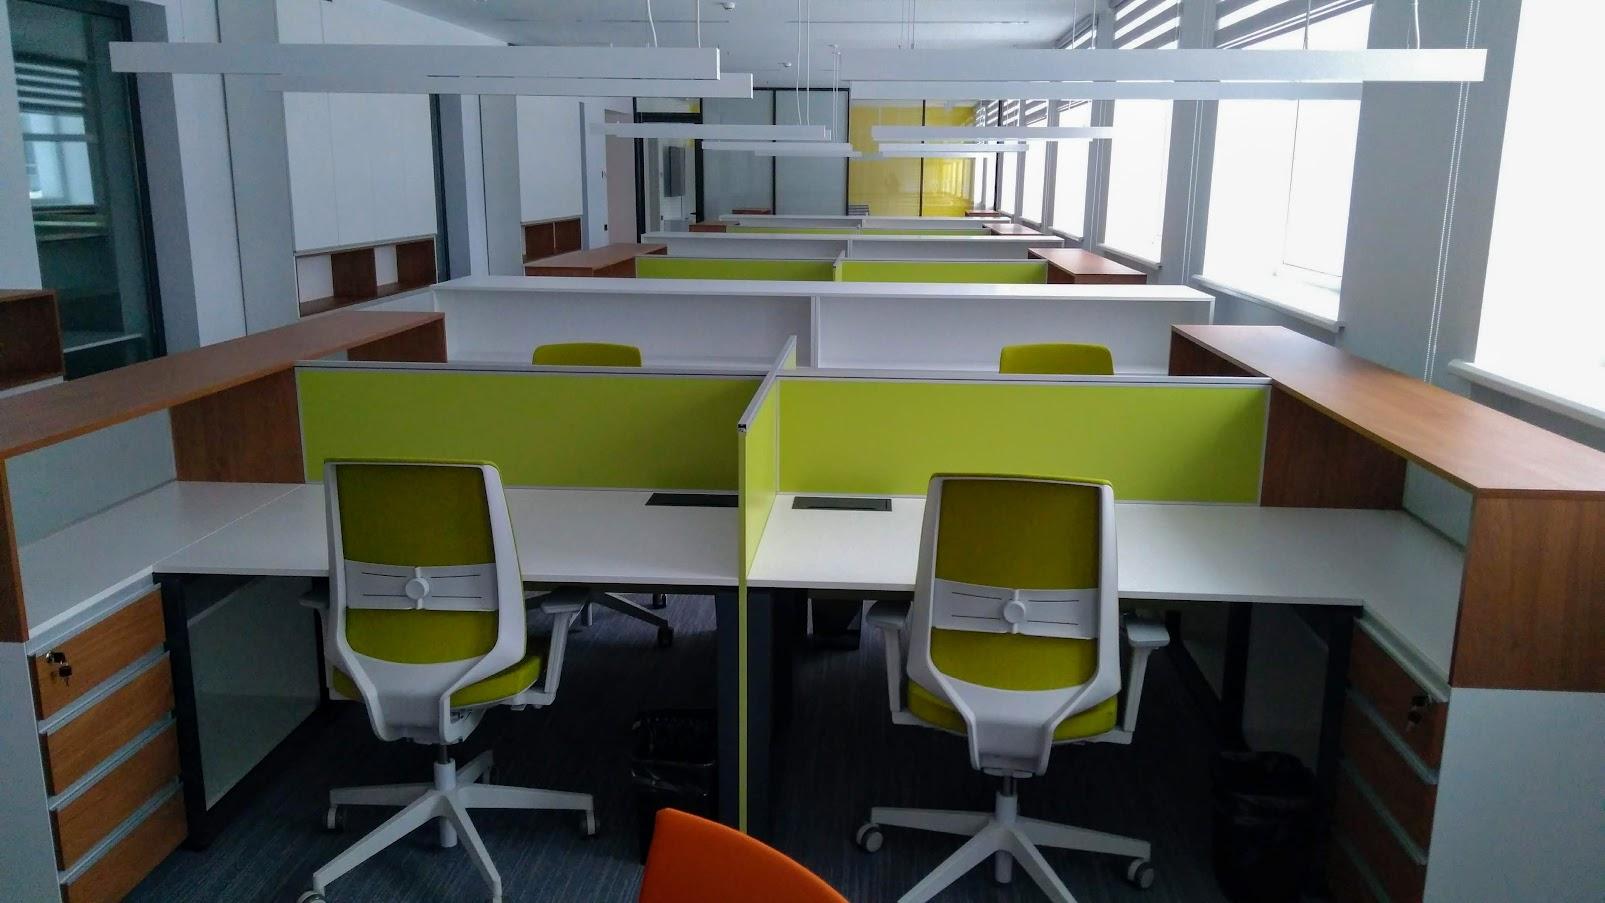 Рабочая модульная станция - Модульная офисная мебель, Металлические каркасы столов, Мебельные опоры ✆ 0679245444